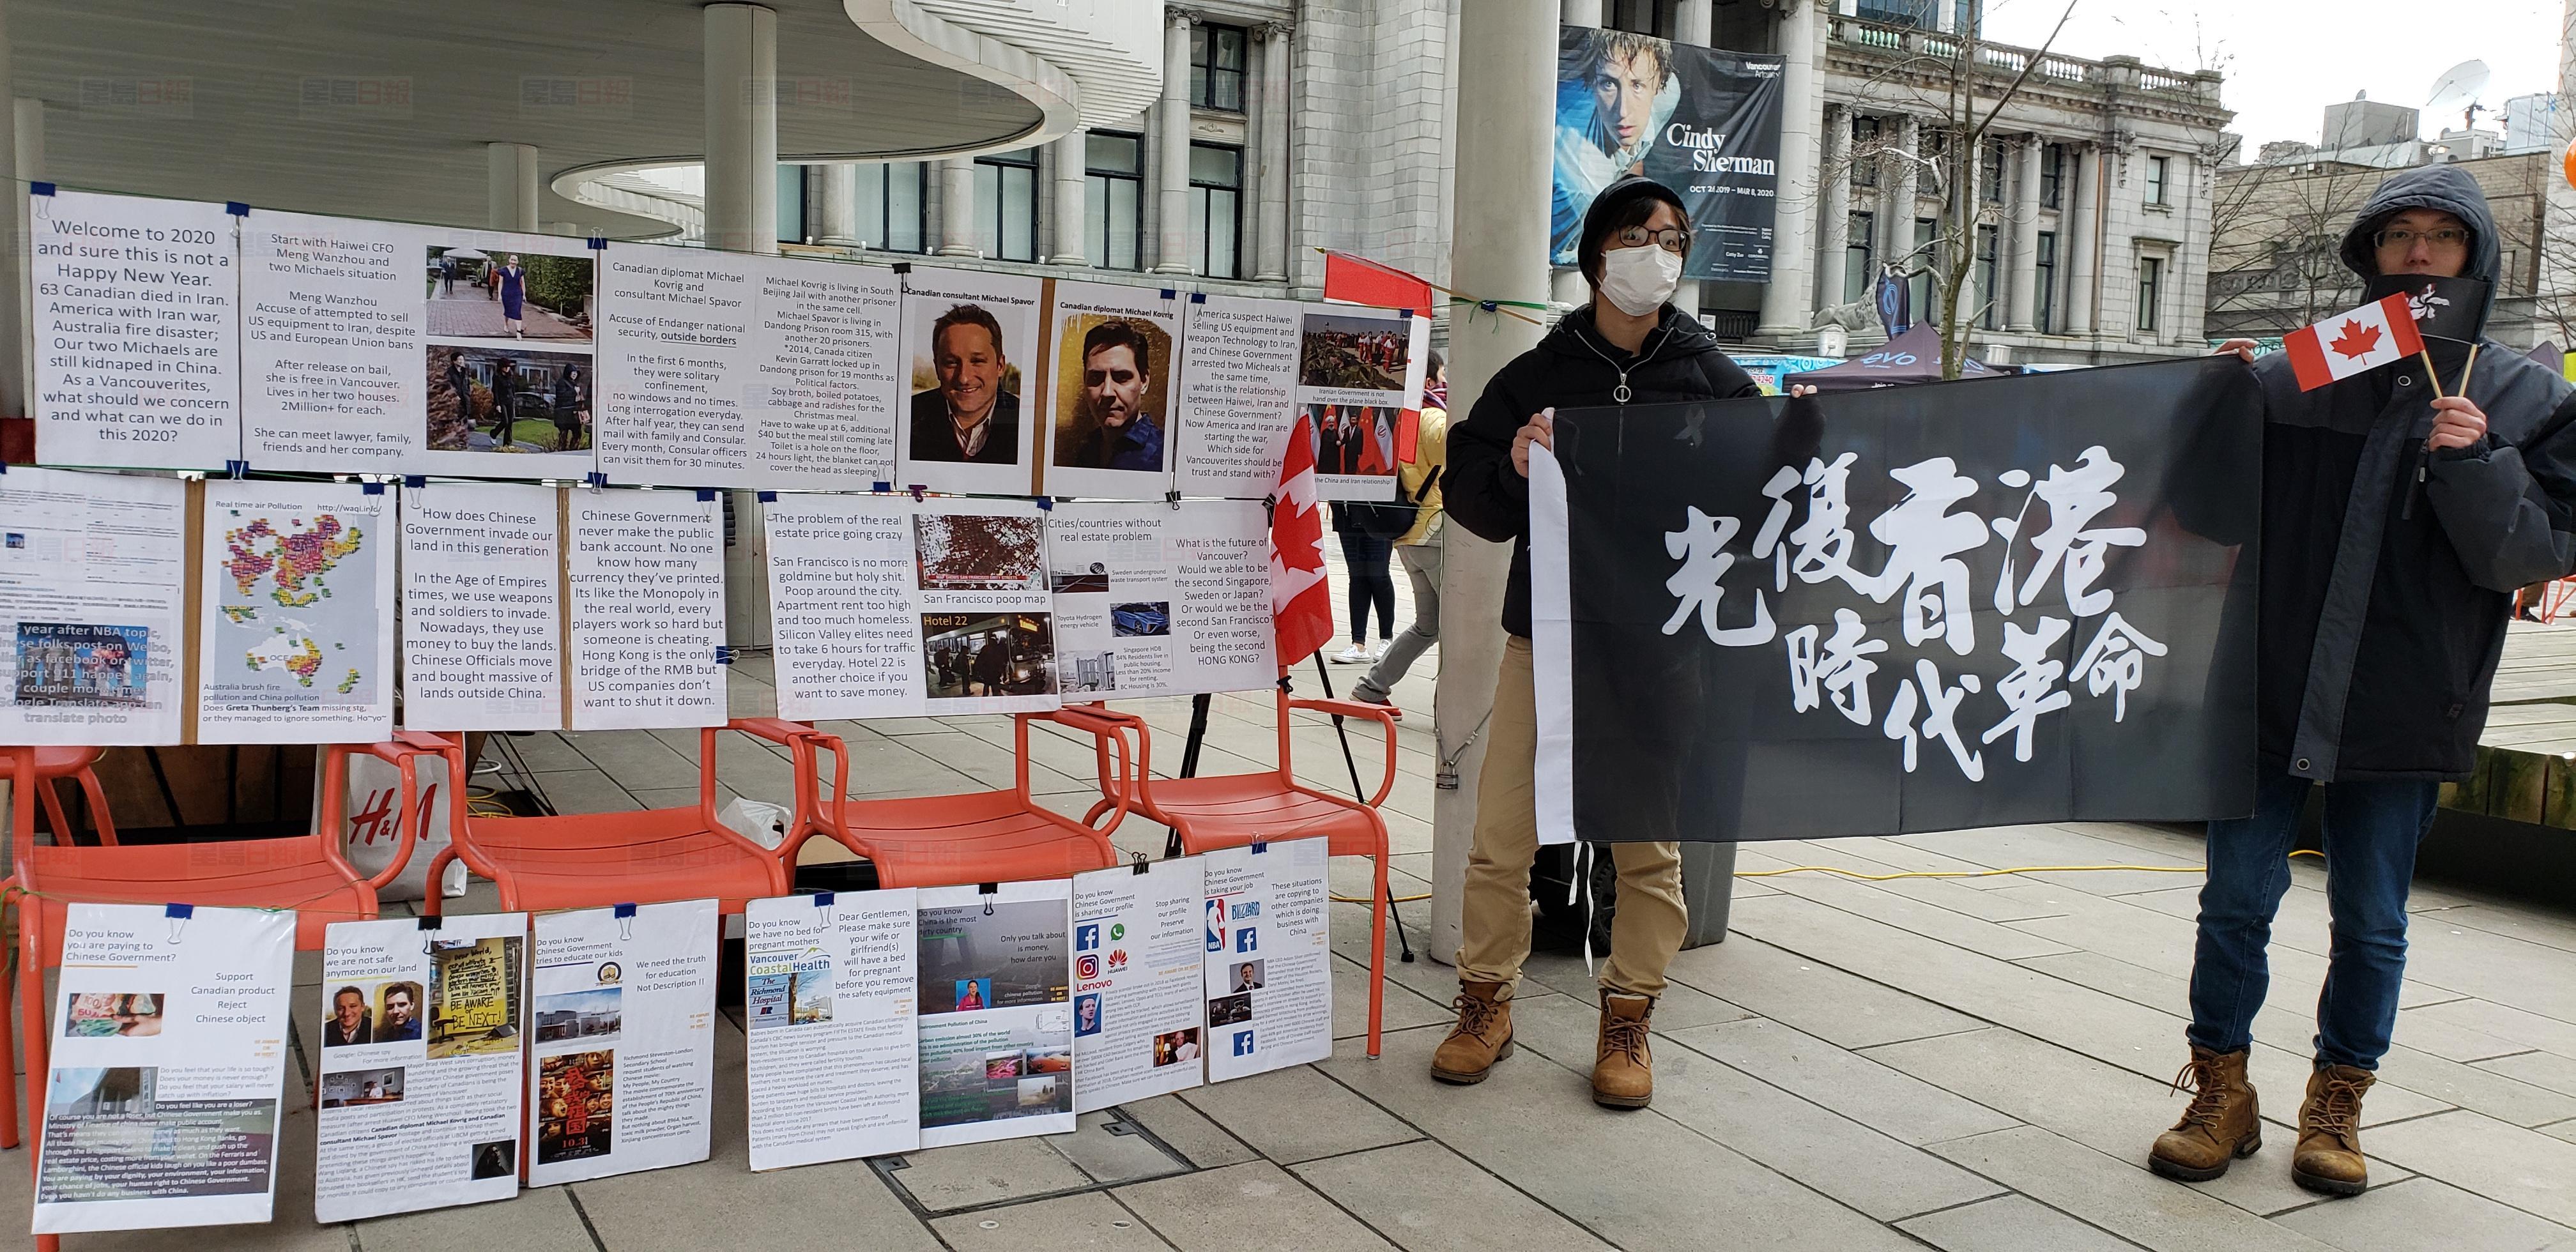 加拿大香港人抗議港府不封關 抗議中國罔顧全球人命